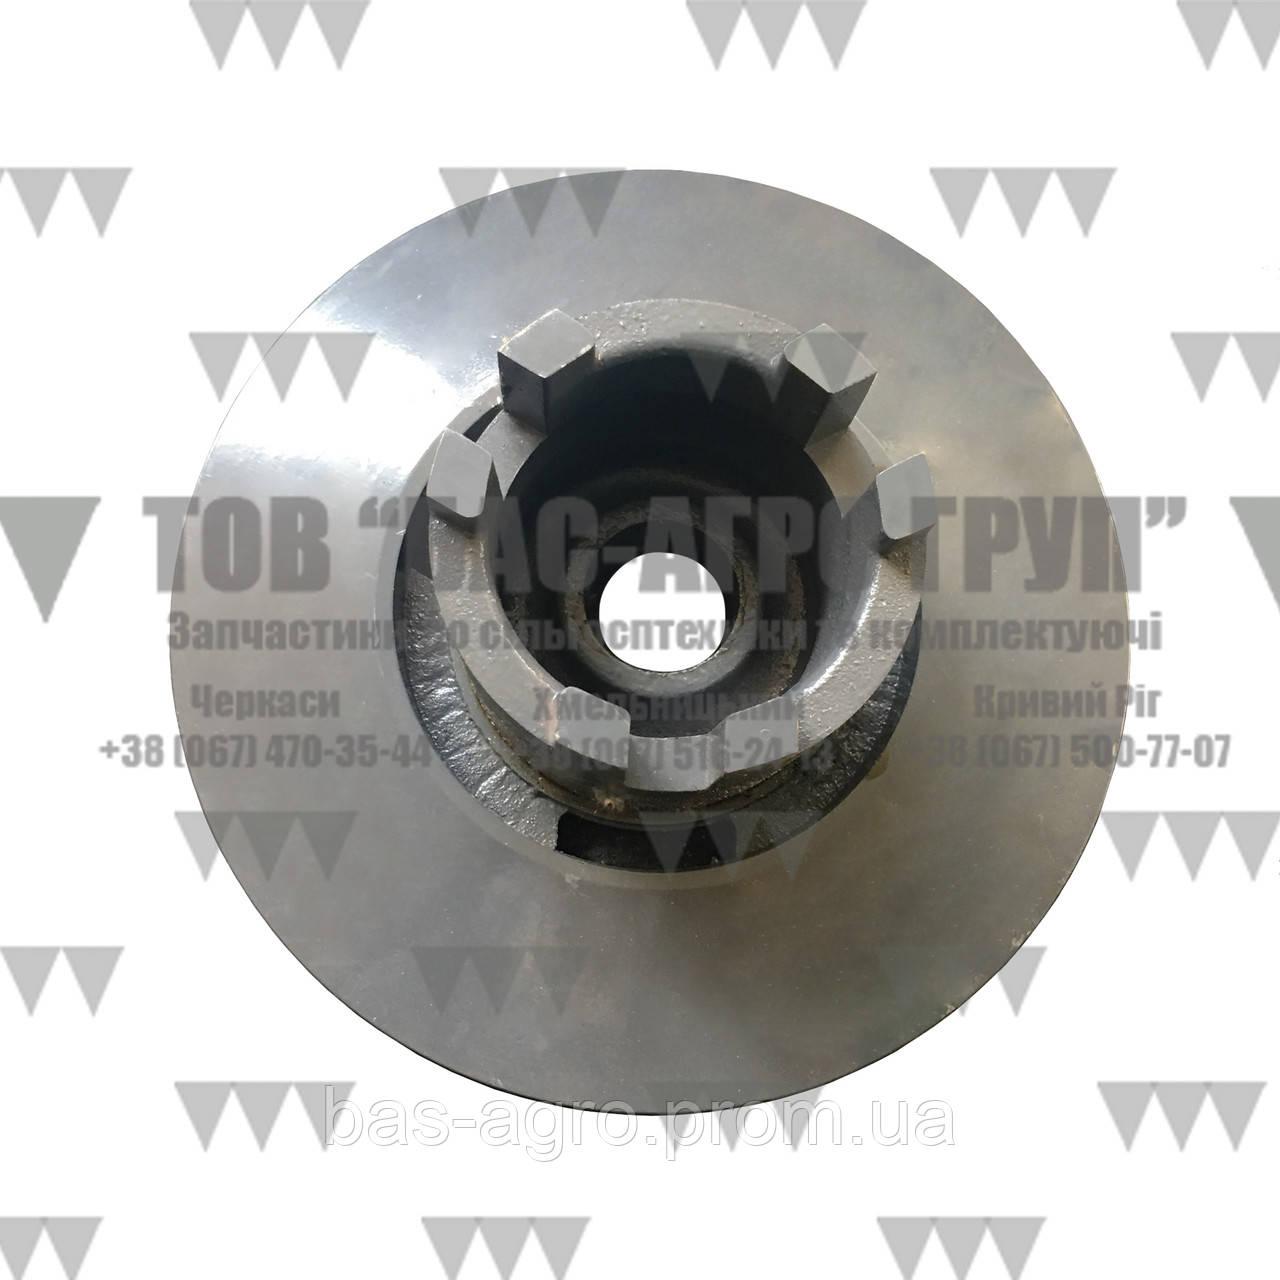 Диск вариатора 603402.1 Claas ан JAG